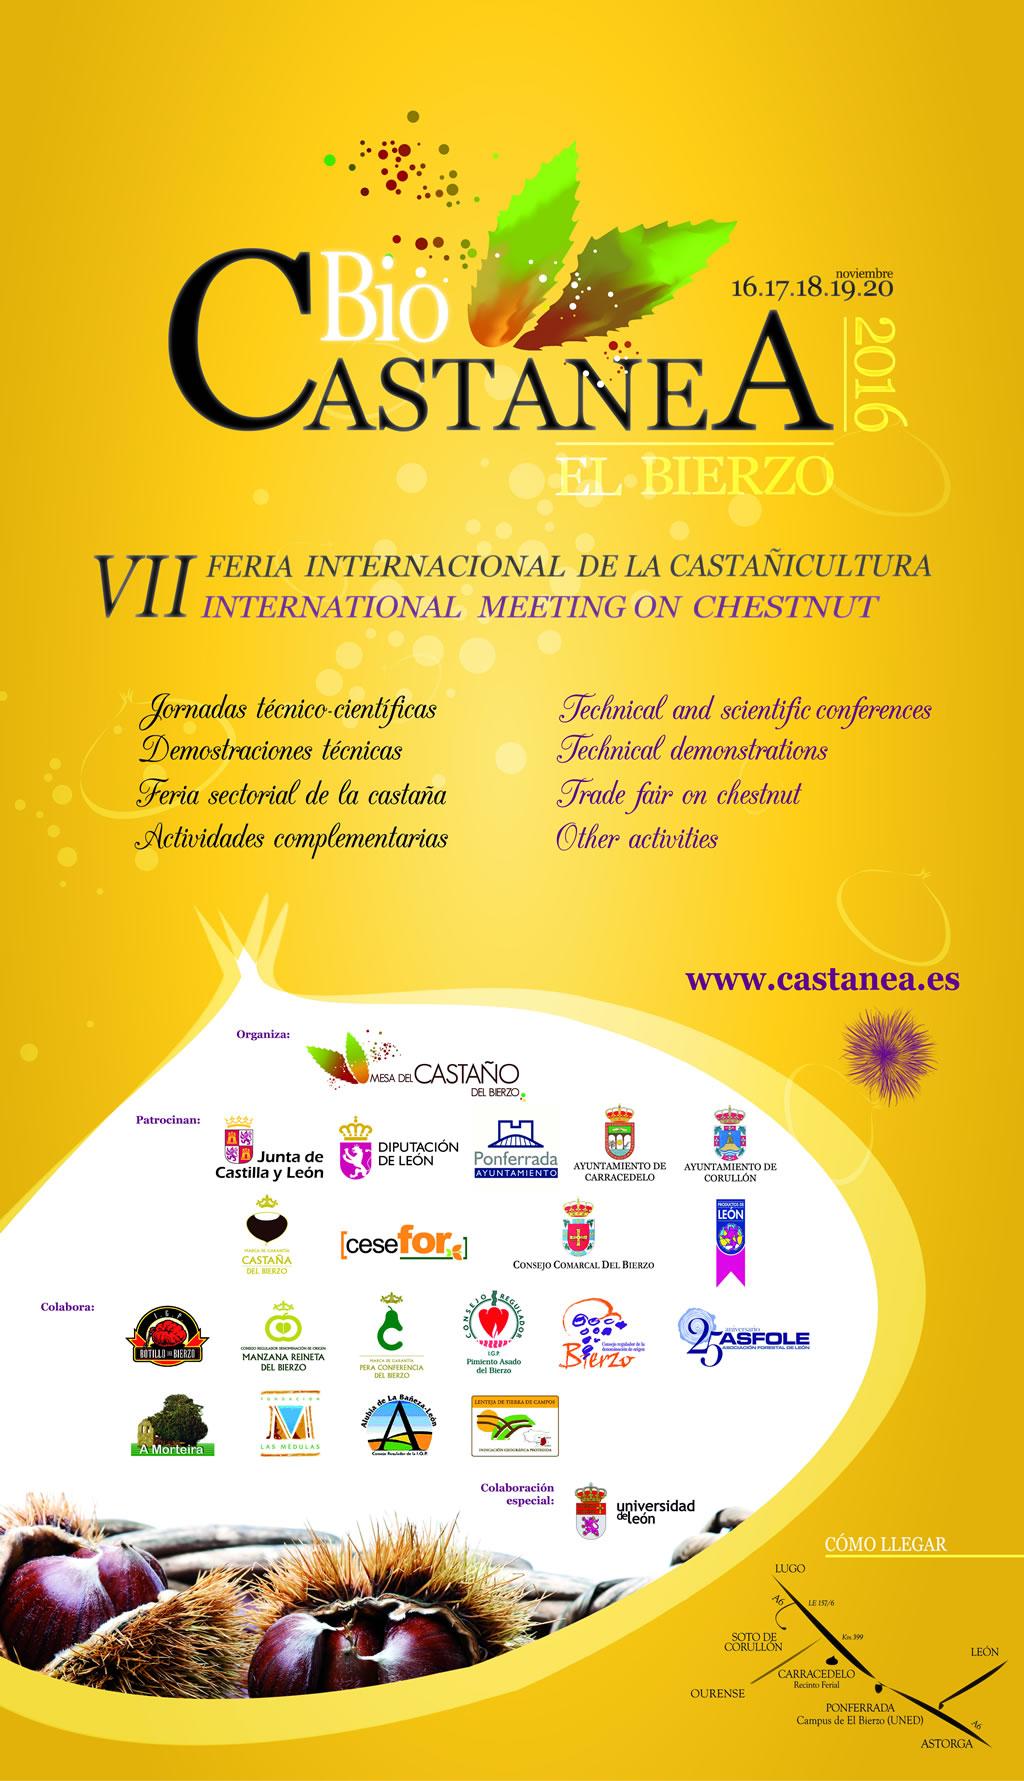 biocastanea_2016_0